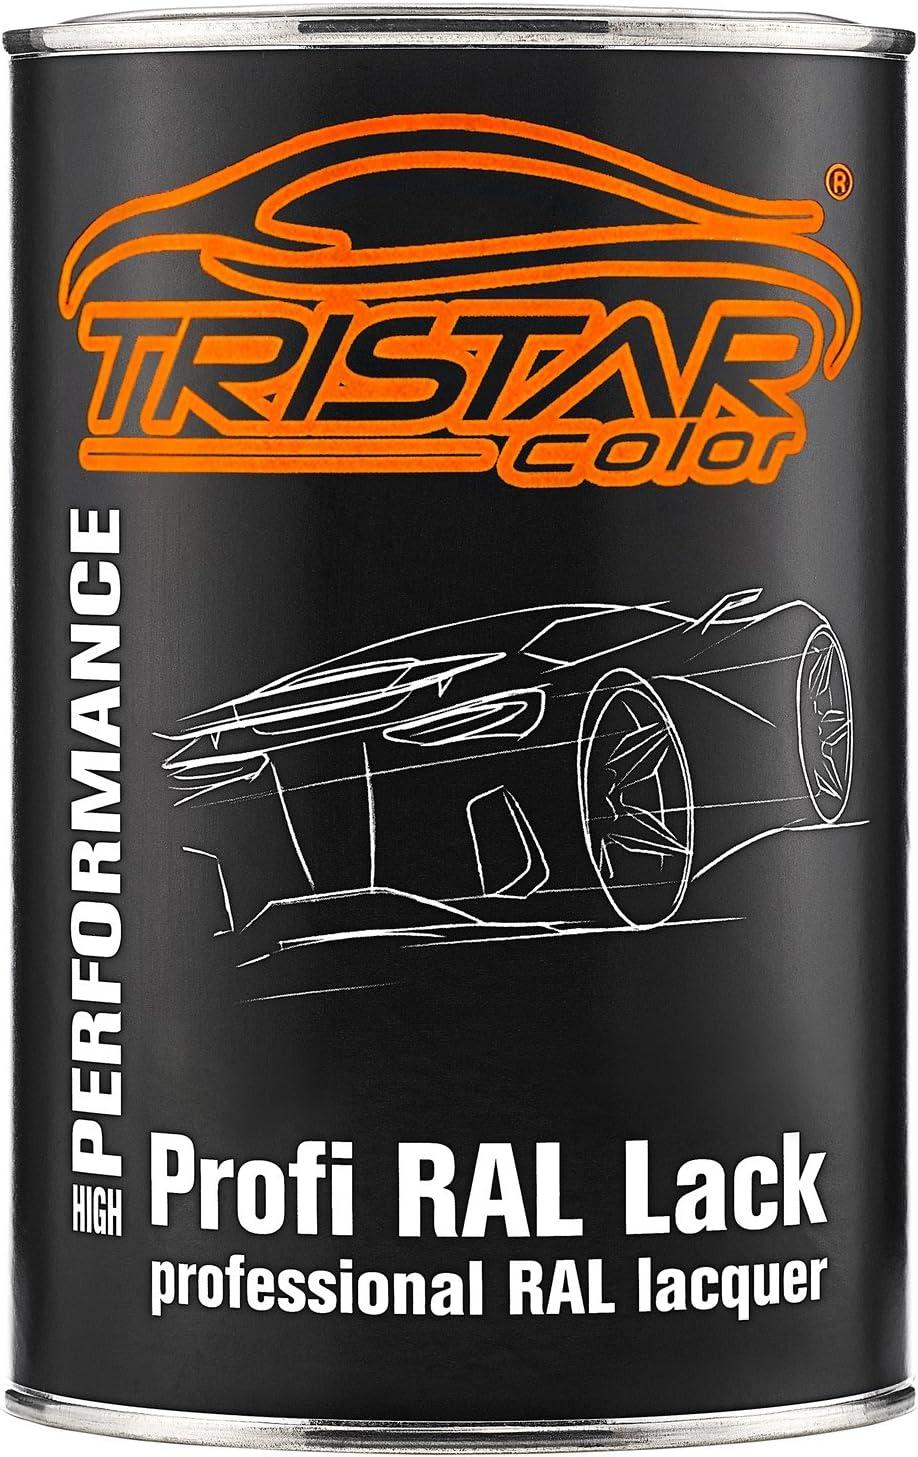 Tristarcolor Ral 1015 Hellelfenbein Glänzend 2k Autolack 1 5 Liter 1500 Ml Dose Inkl Härter Auto